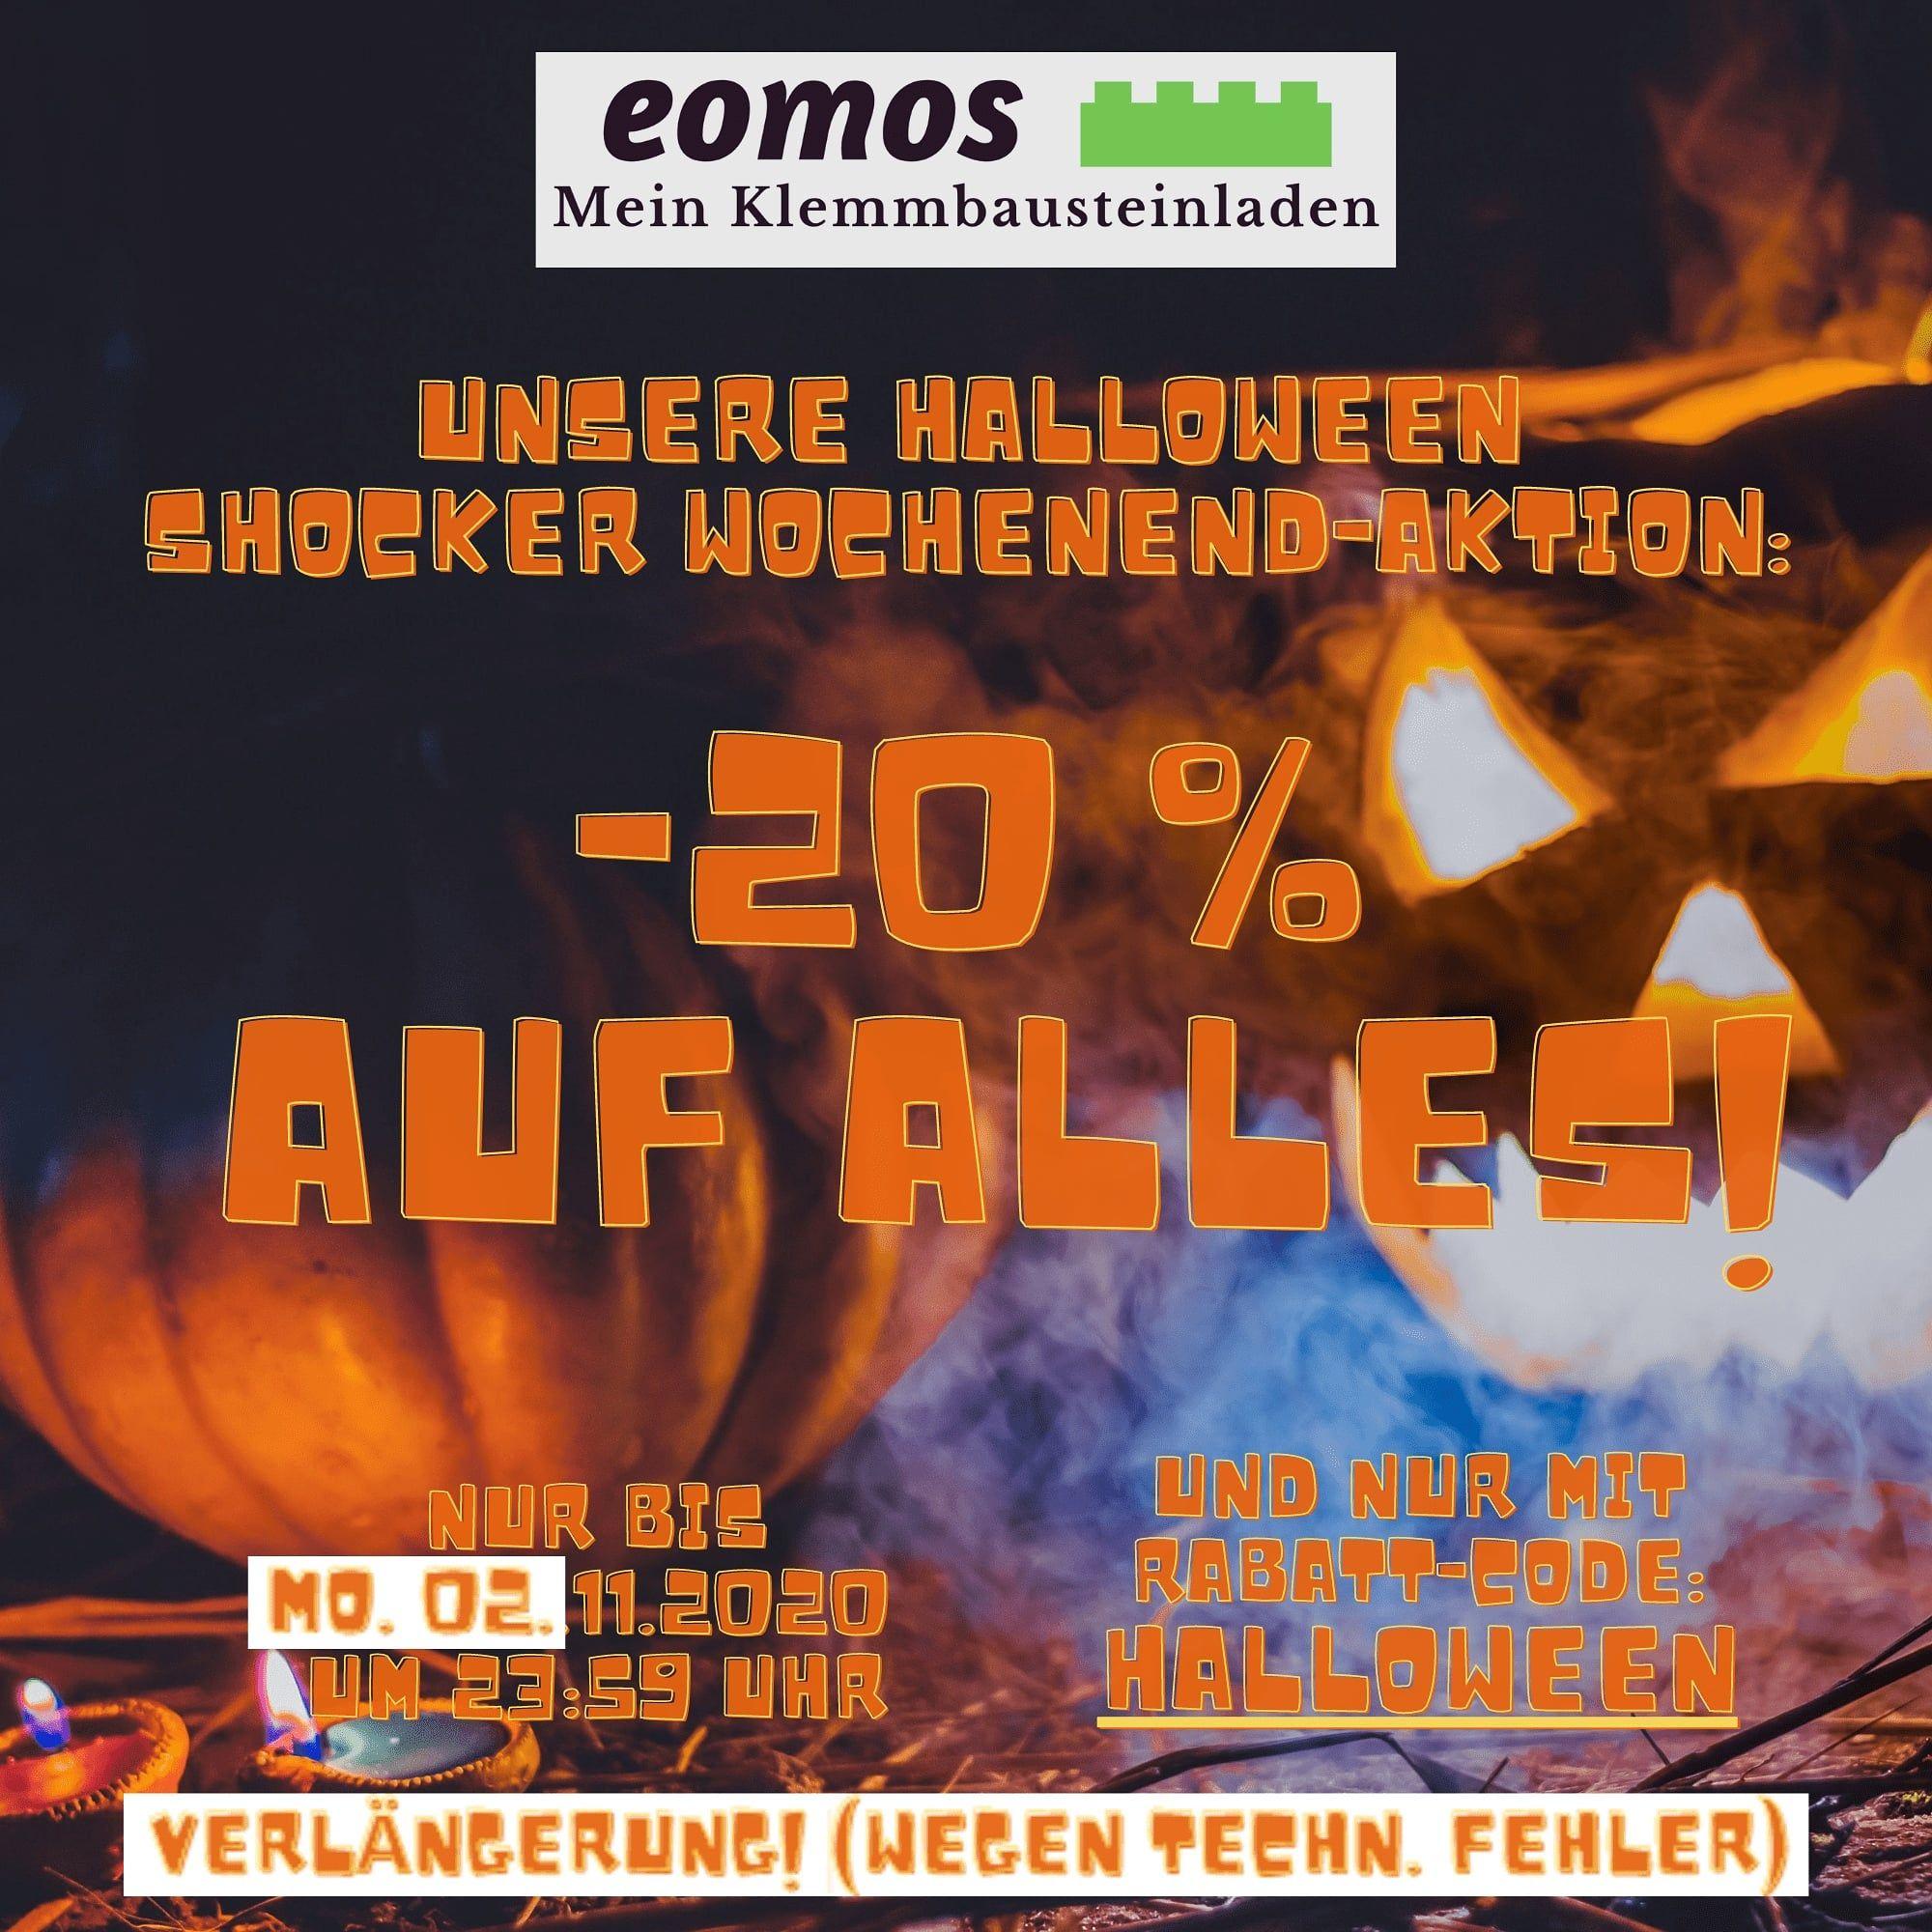 Verlängerung! 20% Rabatt am Halloween Shocker Wochenende bei eomos Mein Klemmbausteinladen